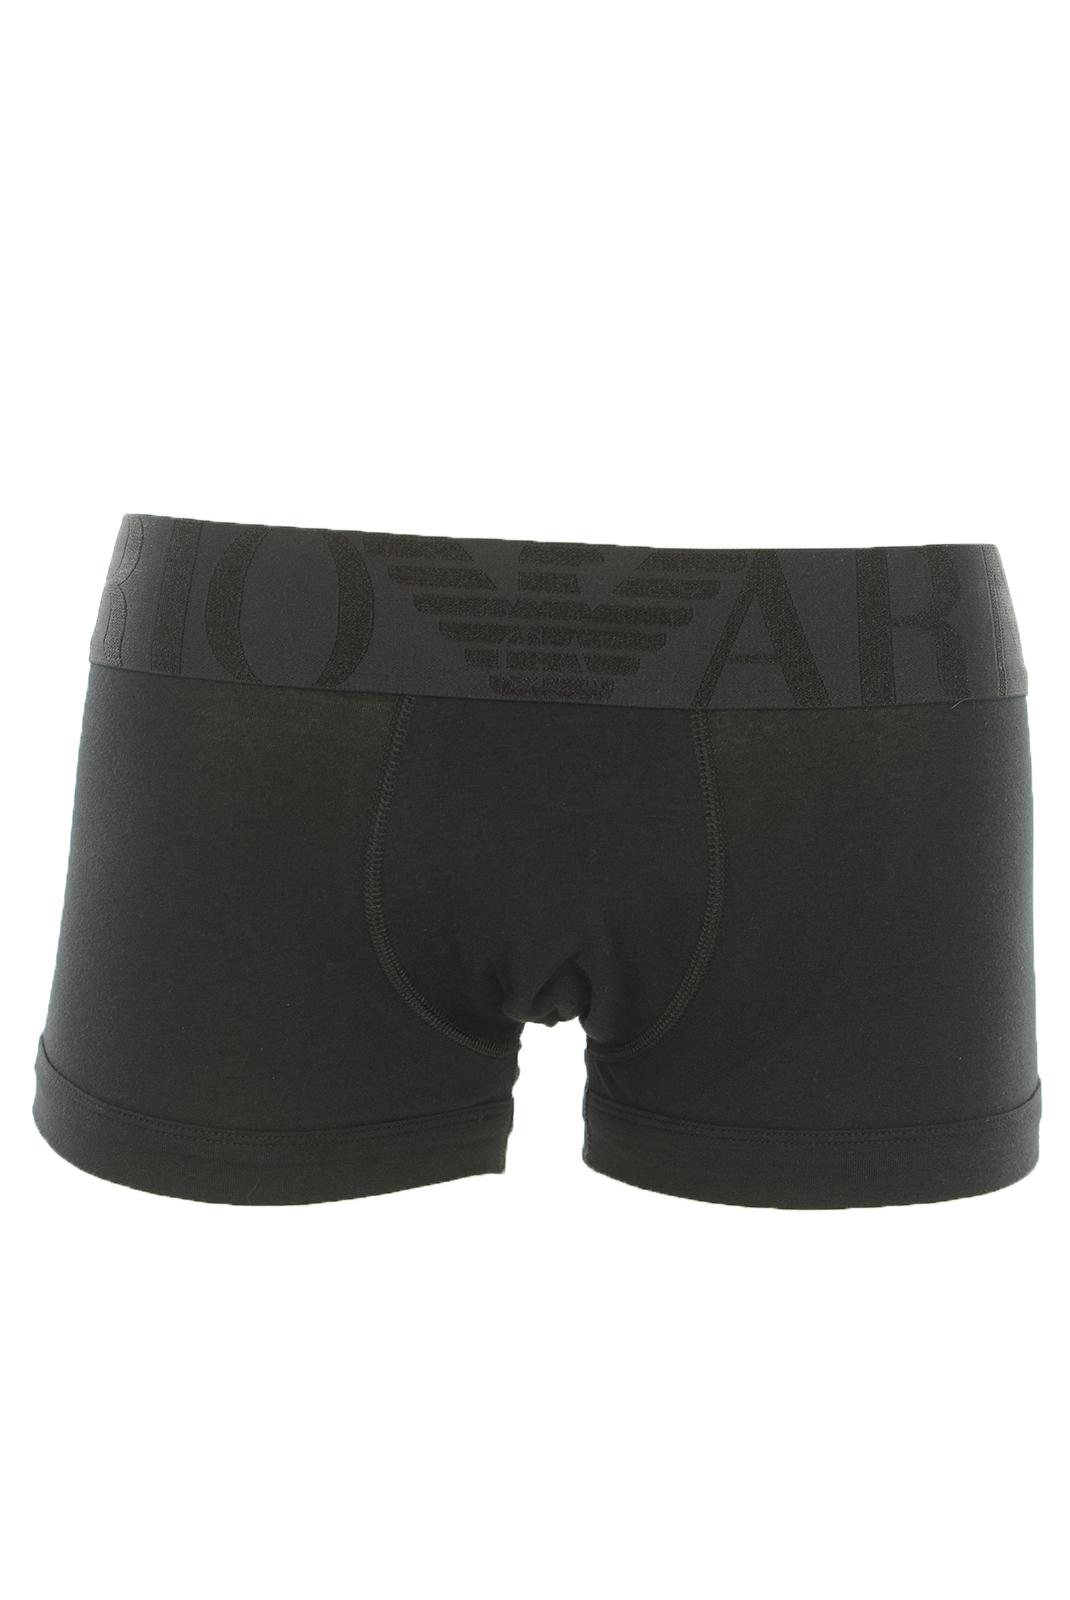 Sous-vêtements  Emporio armani 111389 6A516 020 NOIR